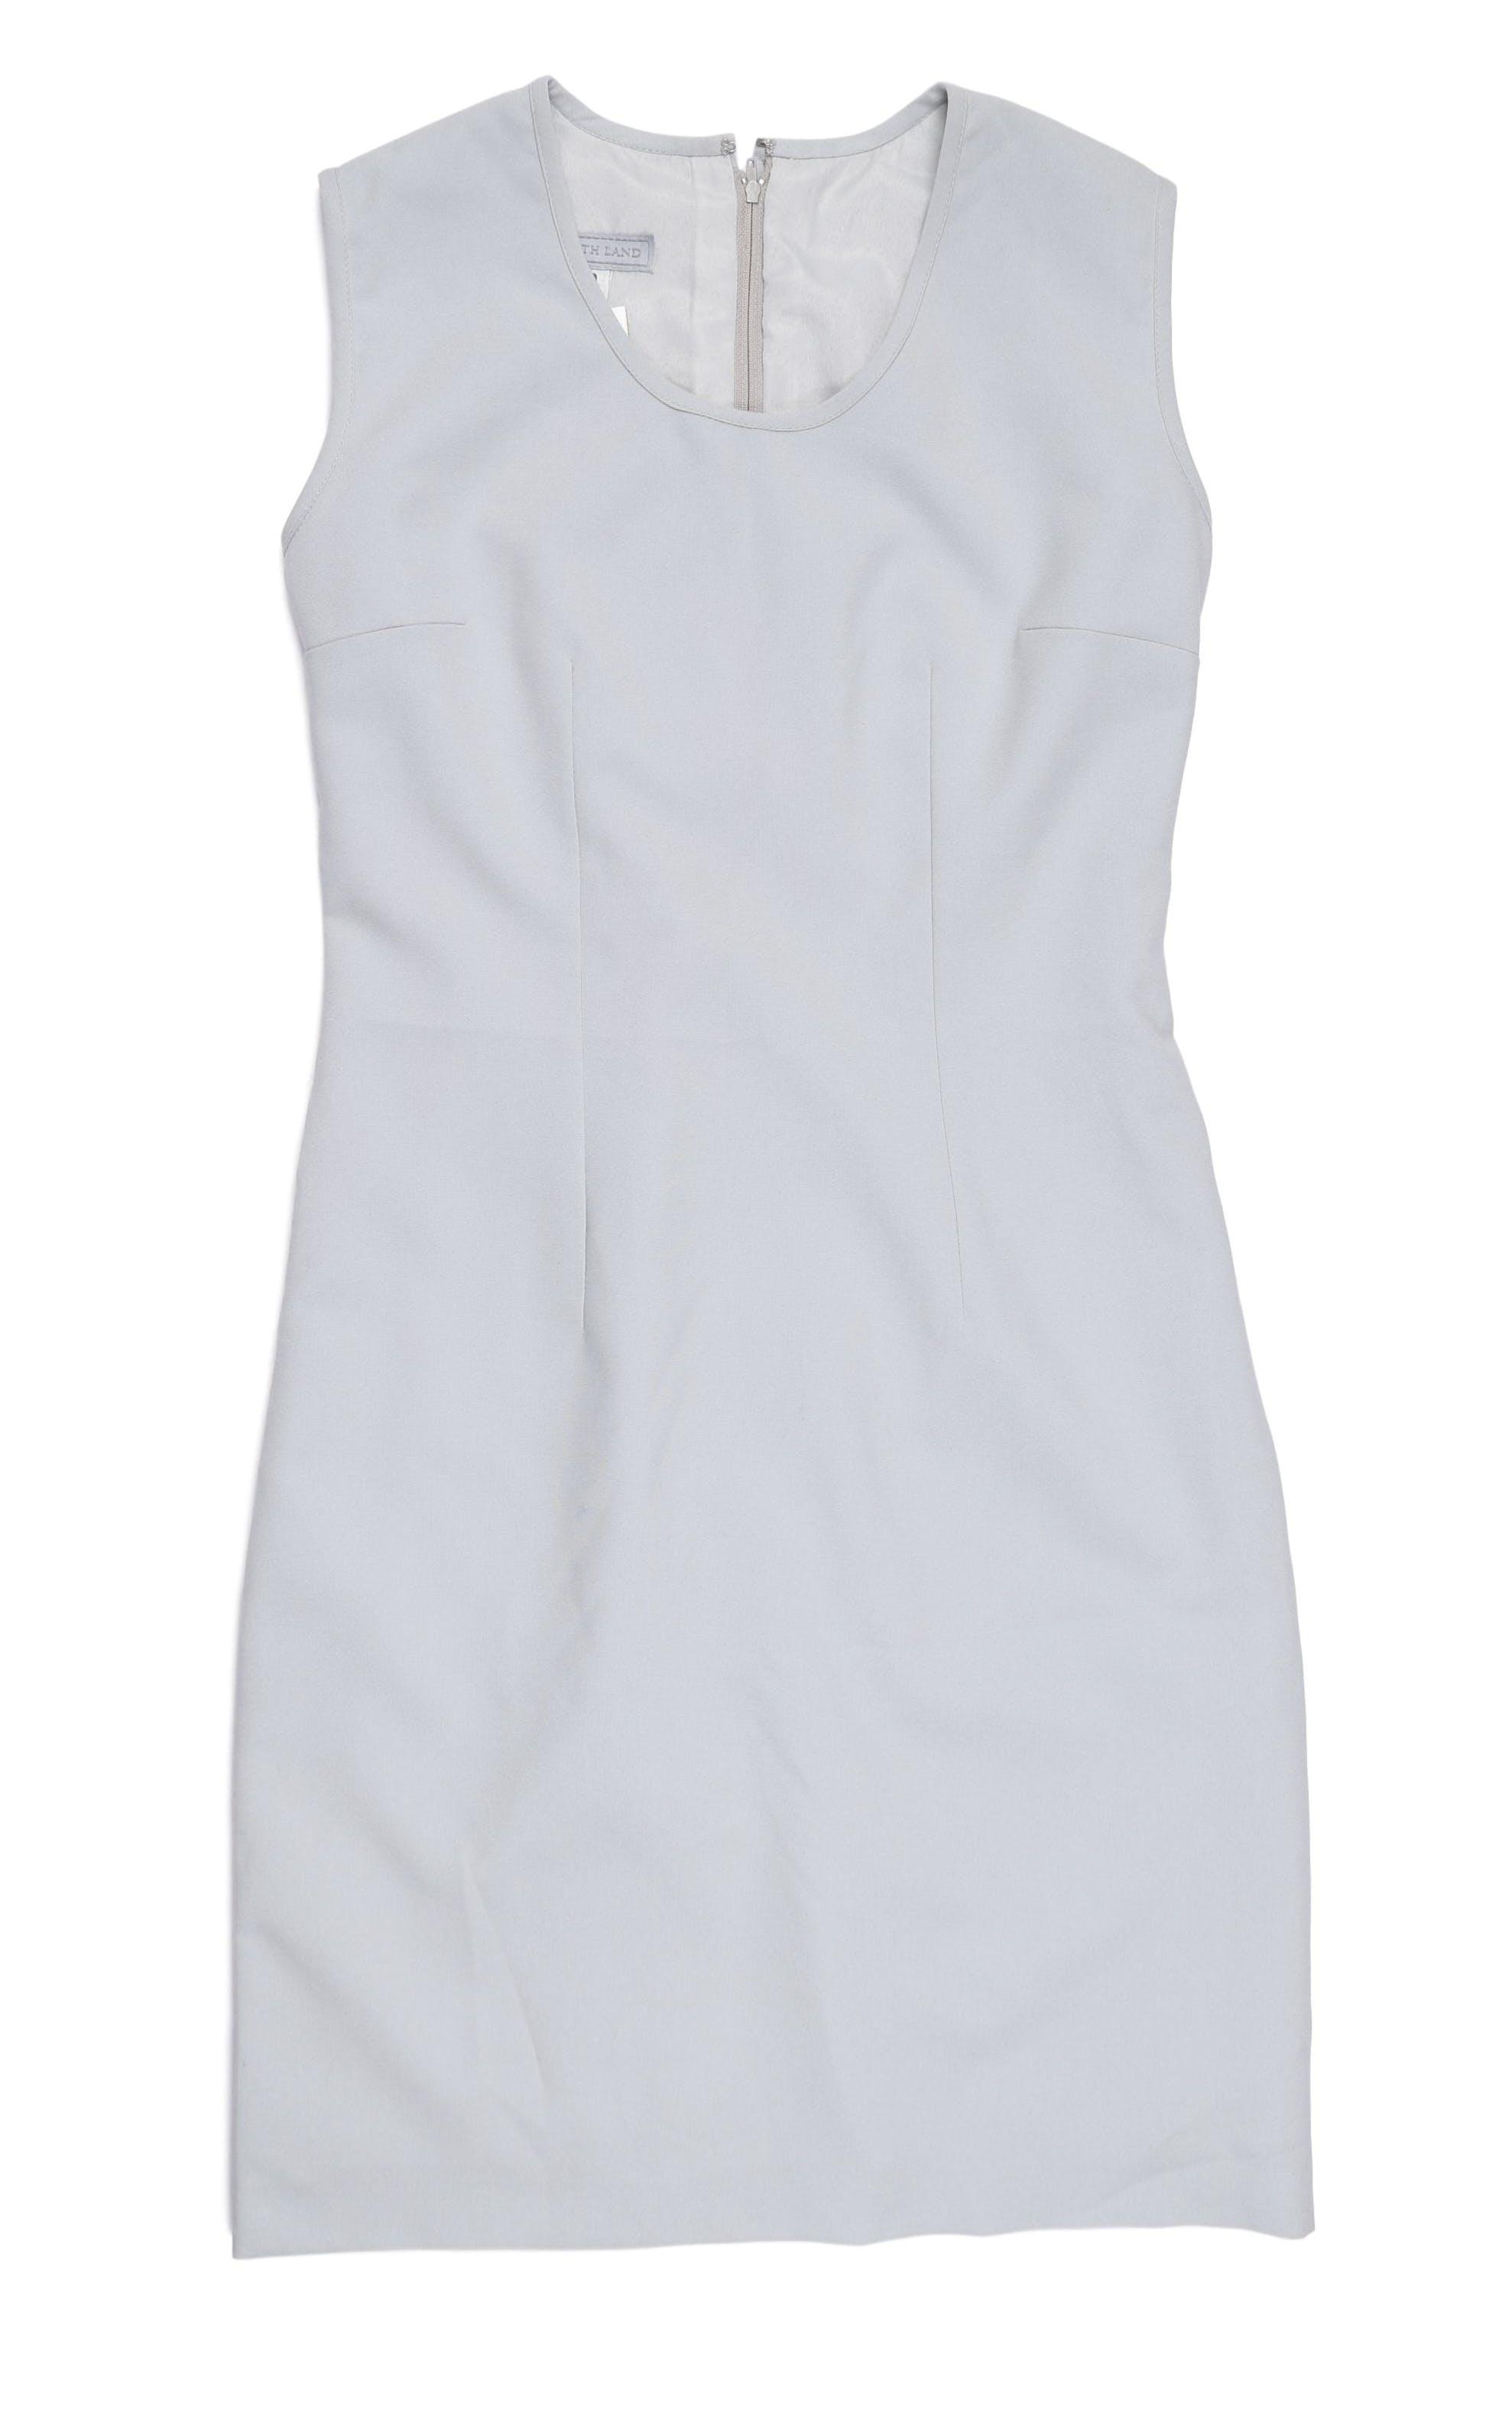 Vestido plomo corte recto, forrado, con cierre en la espalda. Busto 98 cm, cintura 78 cm, largo 92 cm